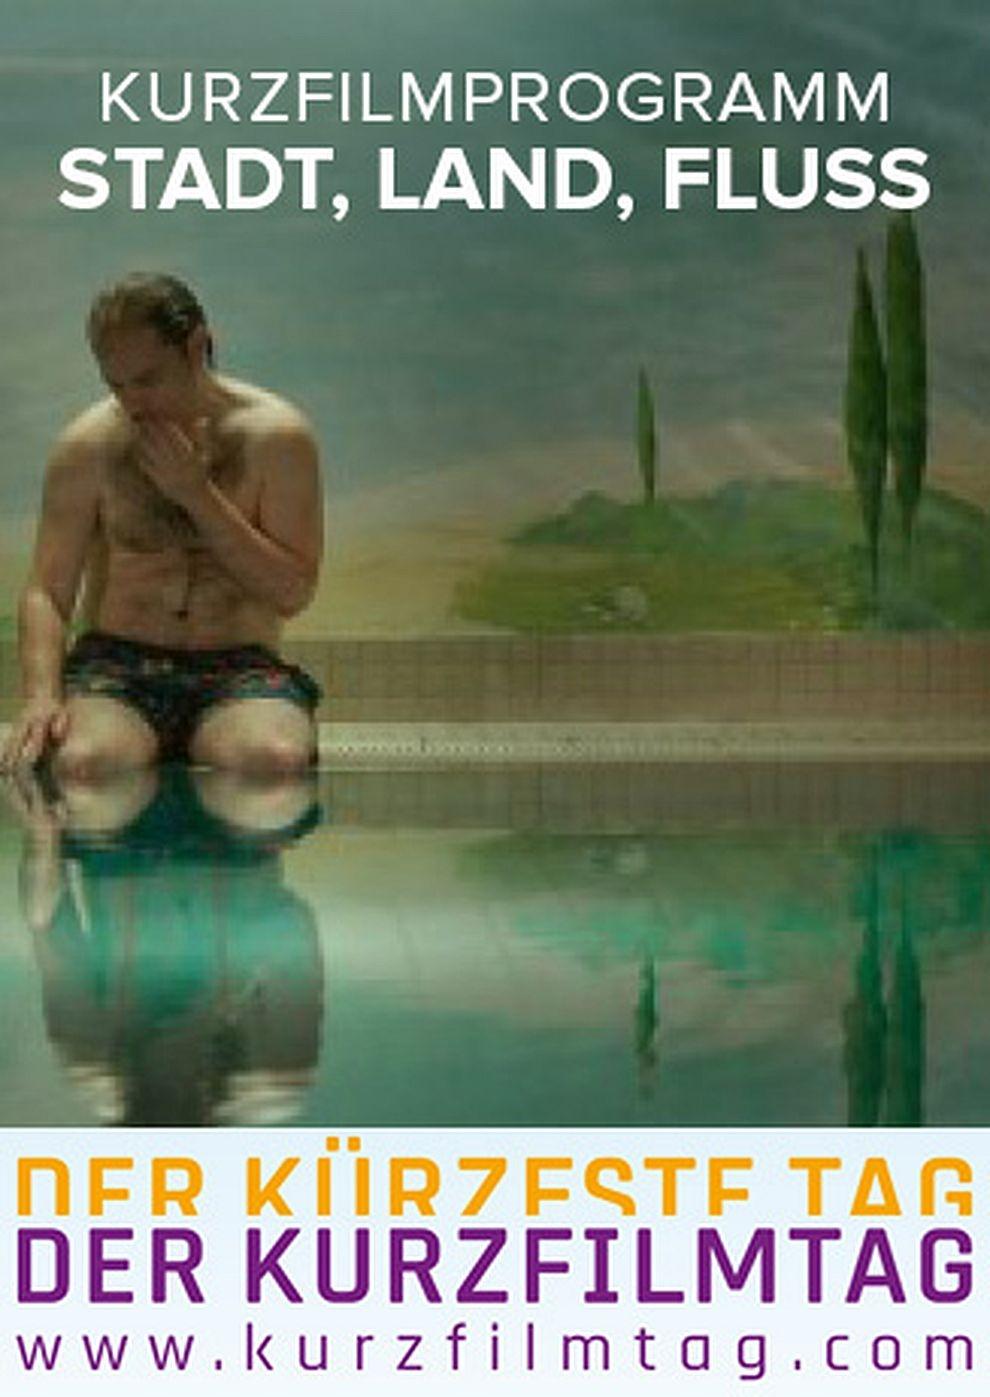 Stadt, Land, Fluss (2018) (Poster)